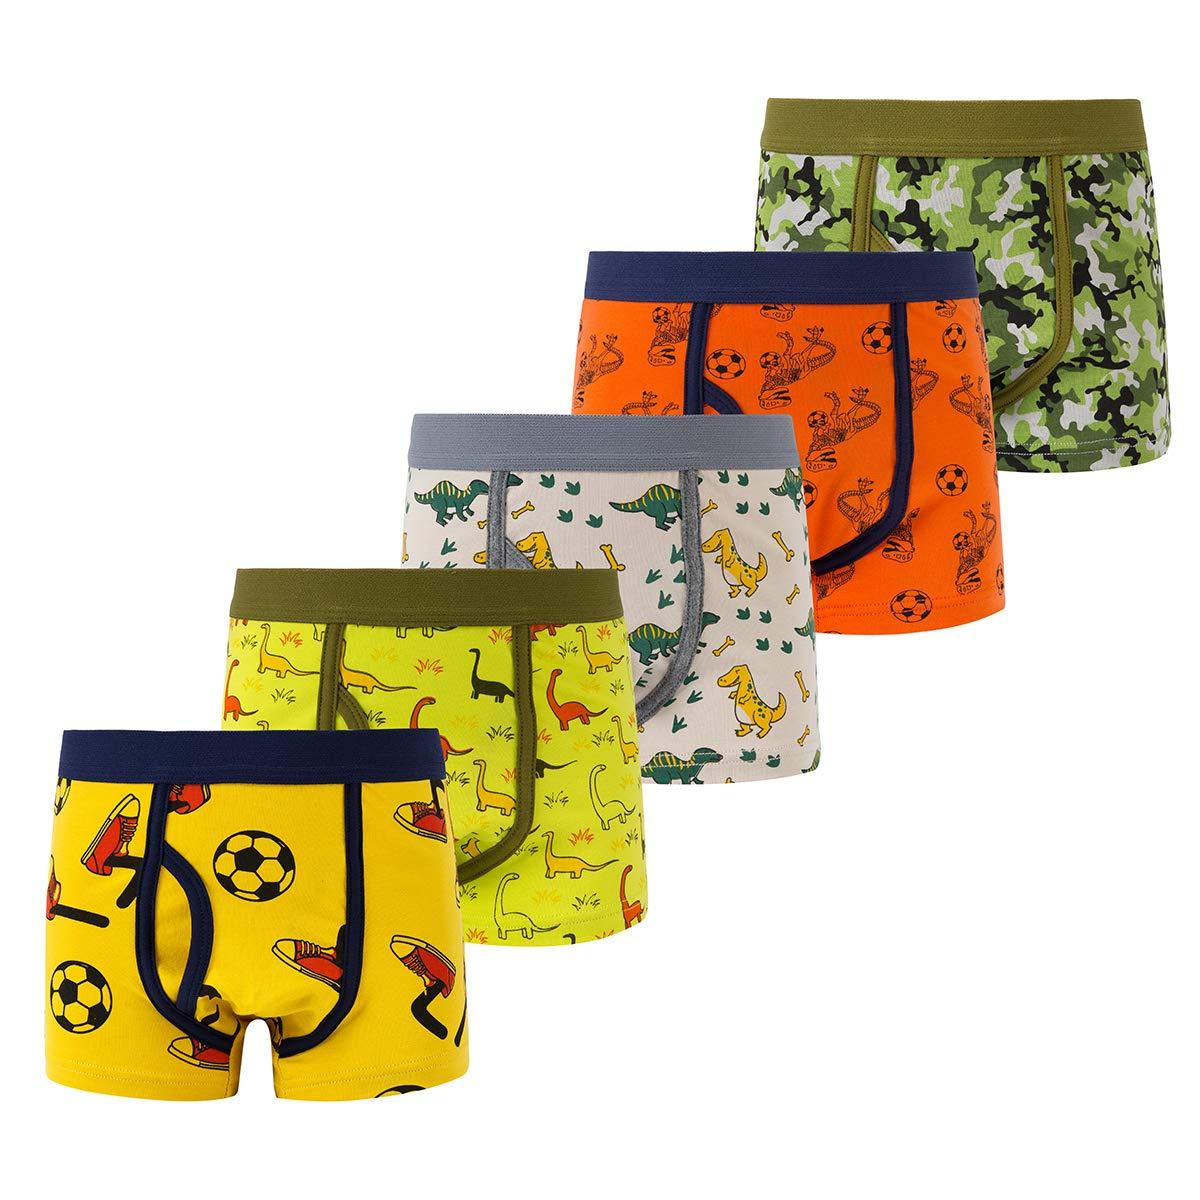 B.GKAKA Boys Boxer Briefs Toddler Kids Underwear Soft Cotton 5 Pack